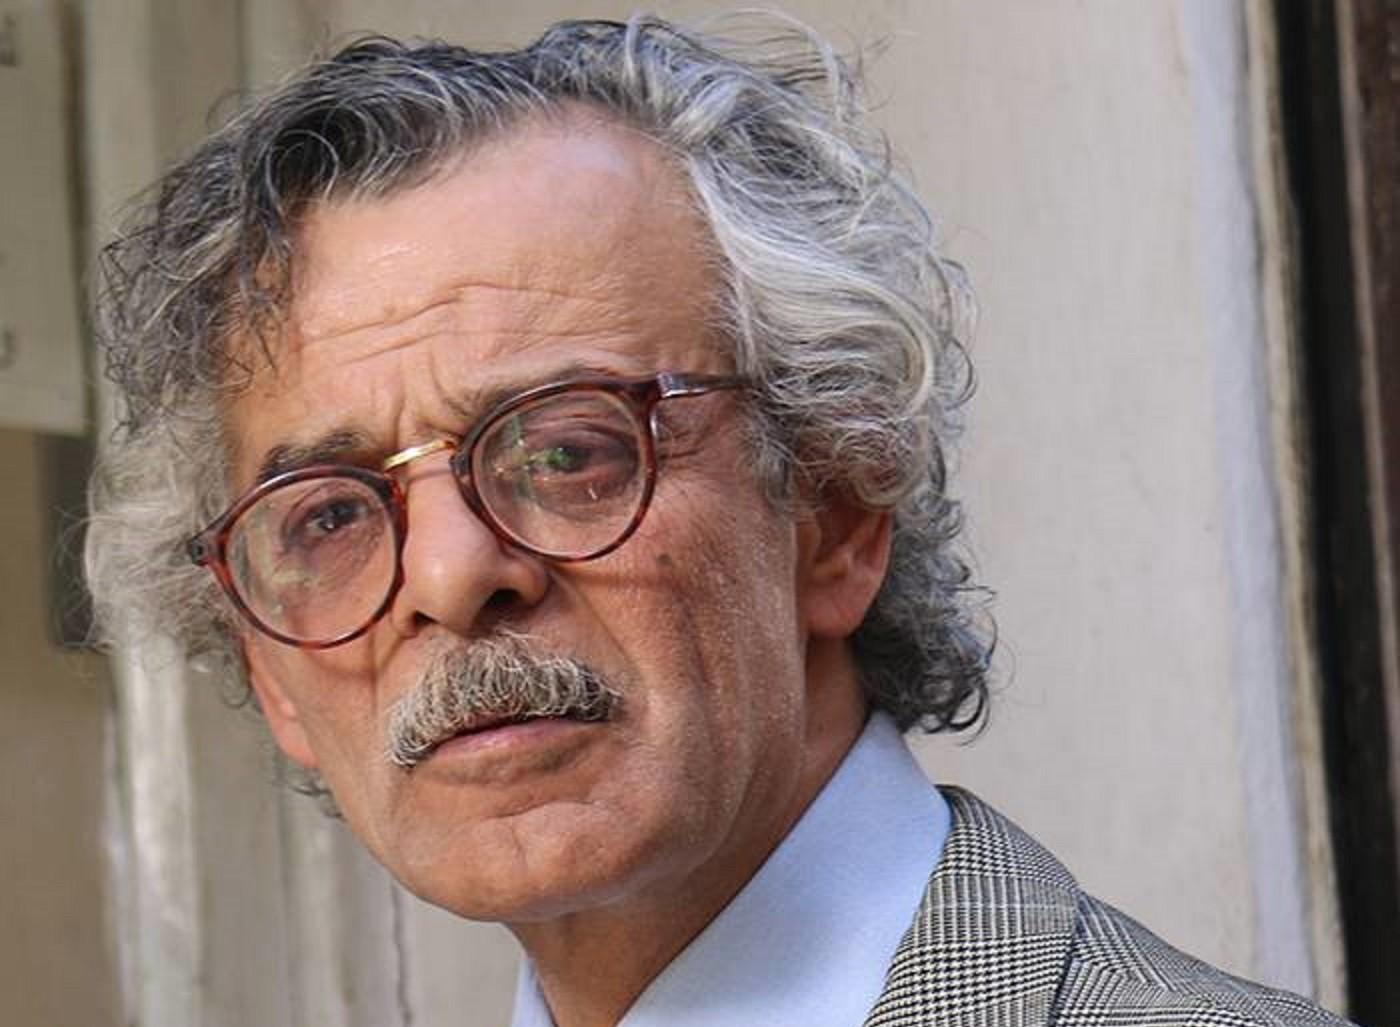 صورة كان يحلم بأن يكون طياراً معلومات وخفايا عن الفنان السوري فايز قزق